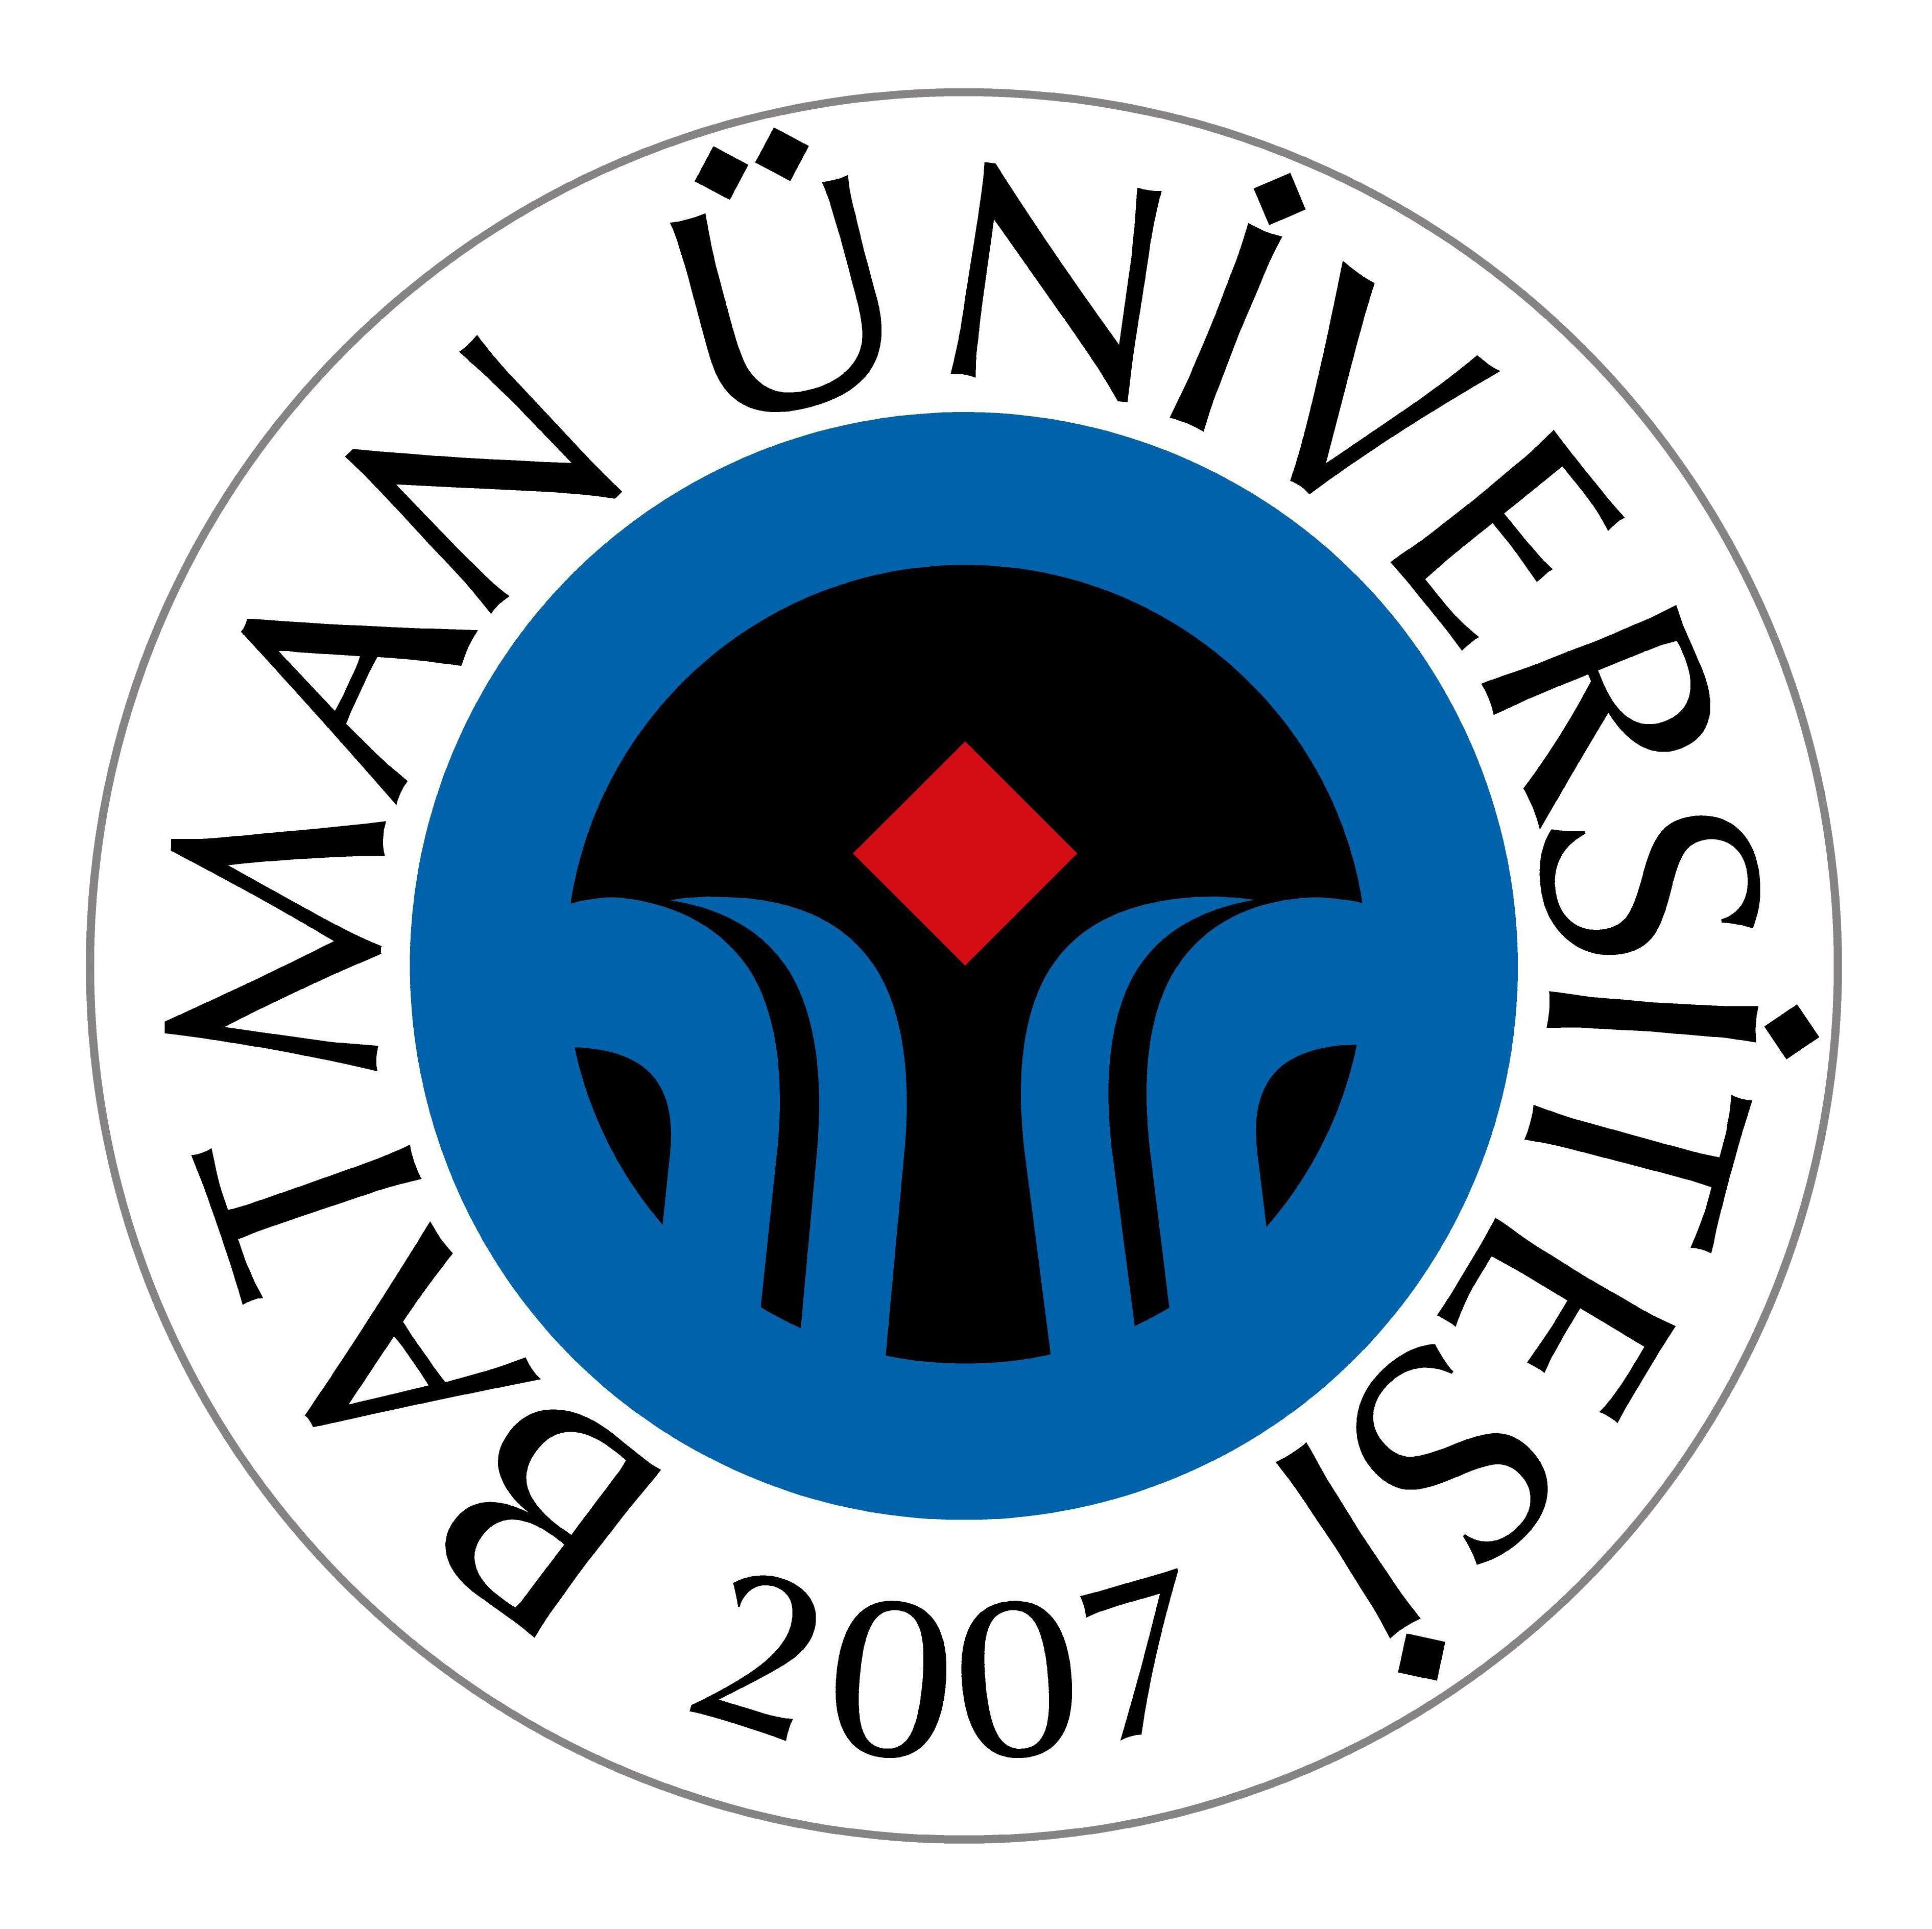 BATMAN UNIVERSITY